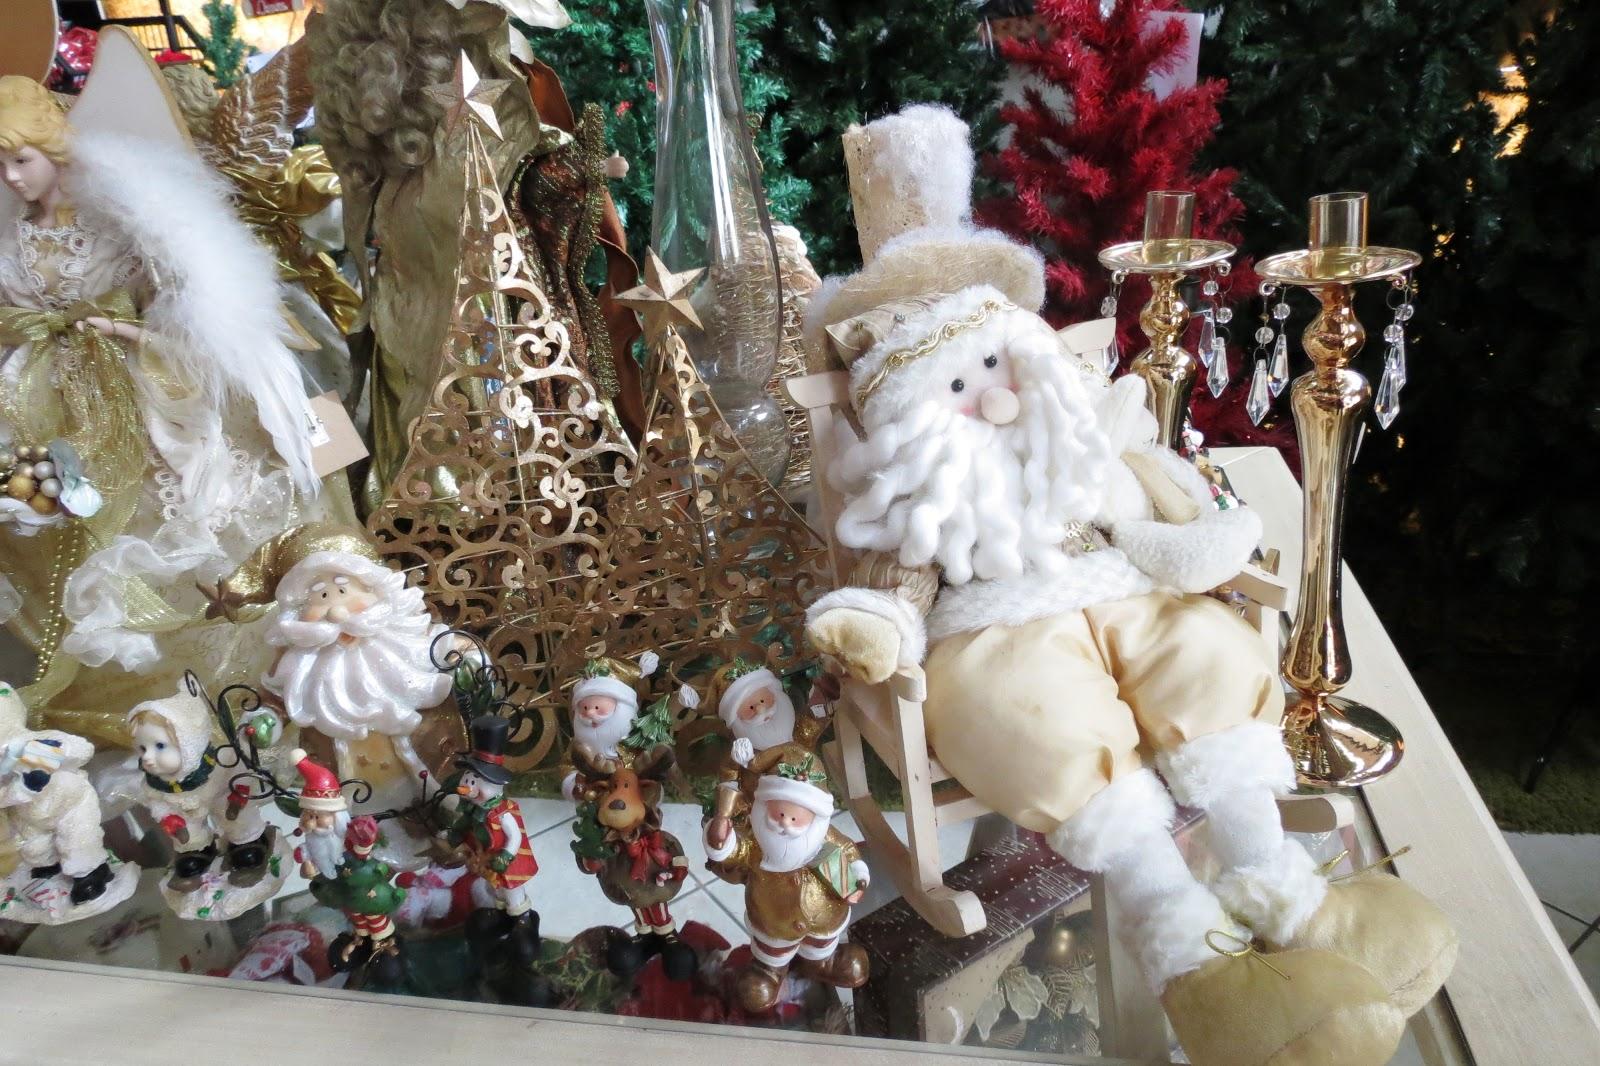 Blog Tudo com Arte: Natal 2012 na Tudo com Arte #654134 1600x1066 Acessorios Banheiros Joinville